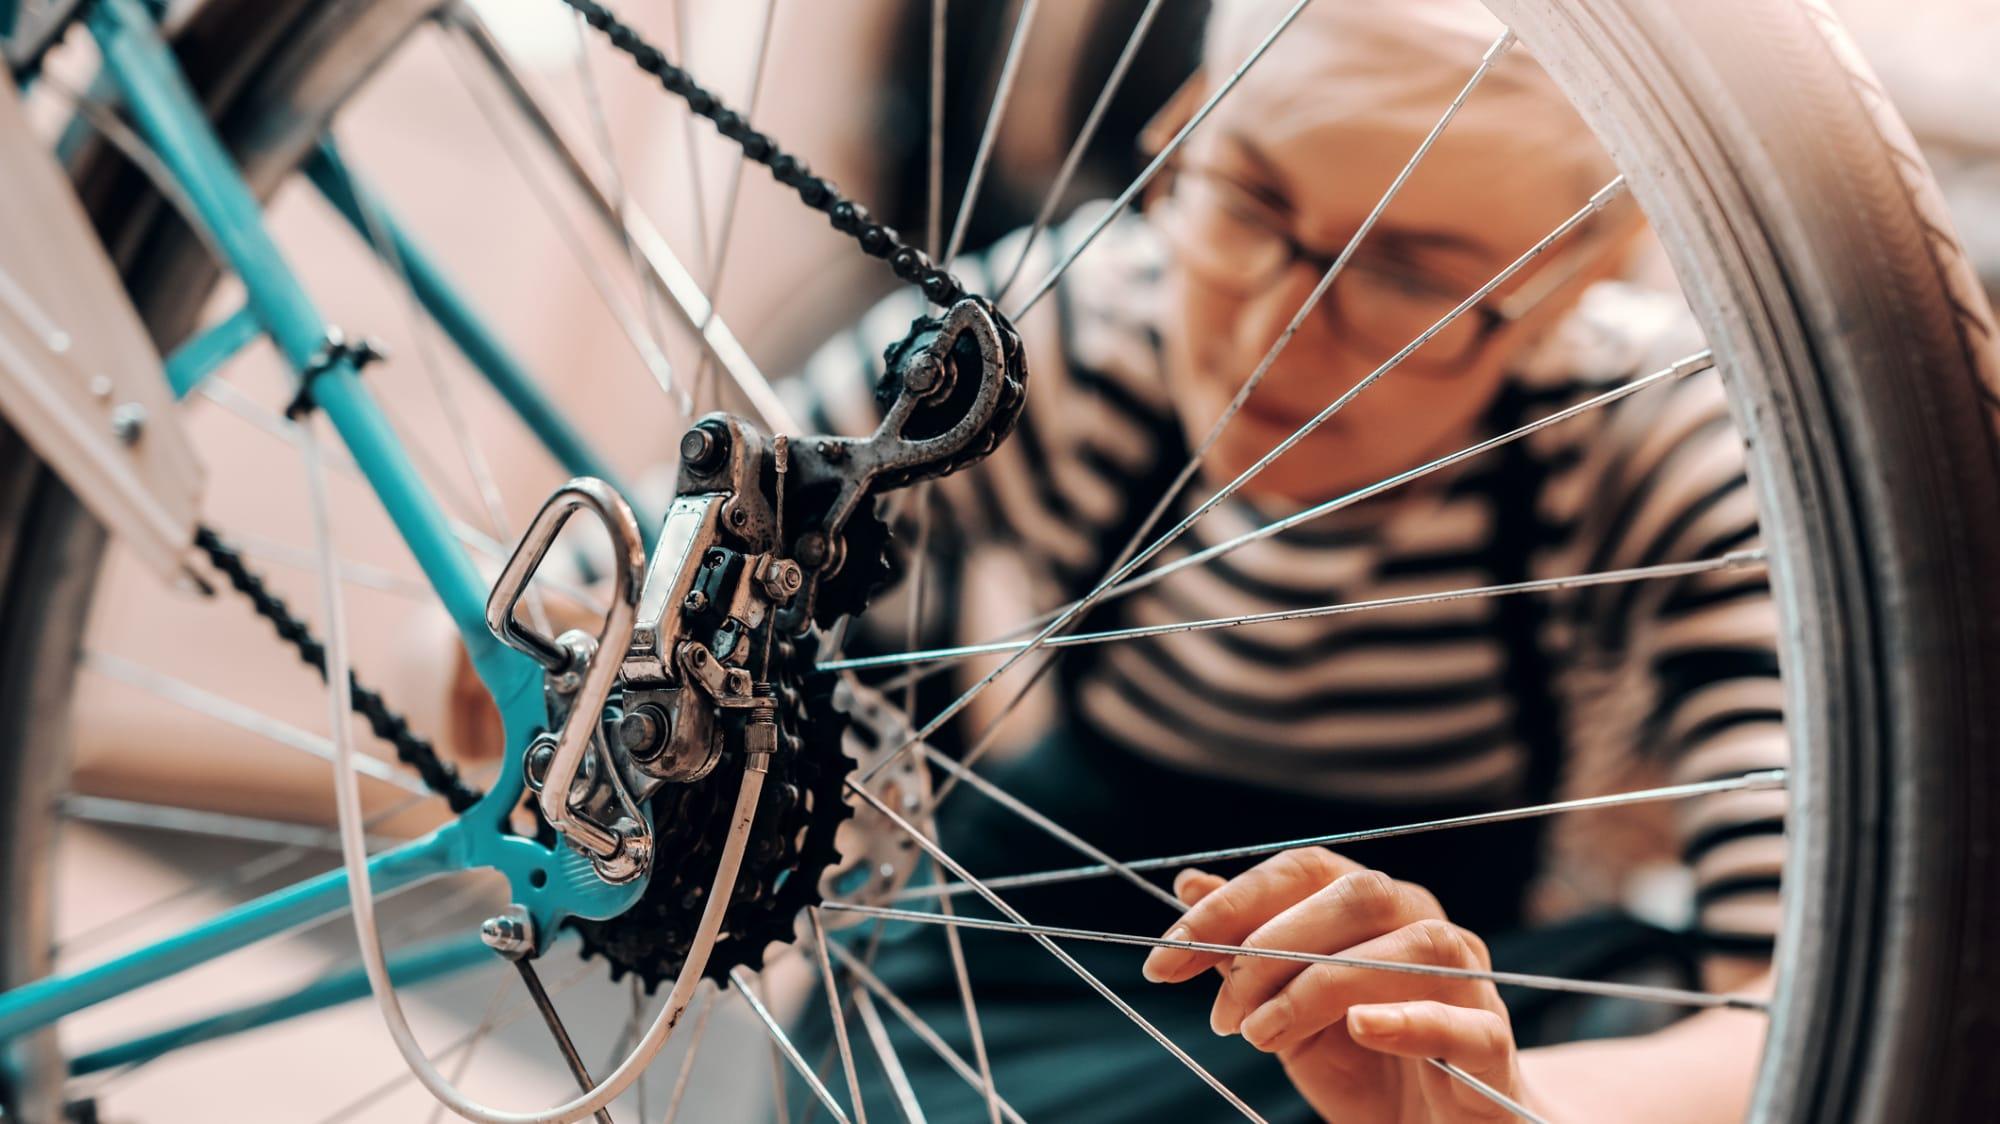 Frau putzt und repariert ihr repariert ihr Fahrrad um es fit für den Frühling zu machen